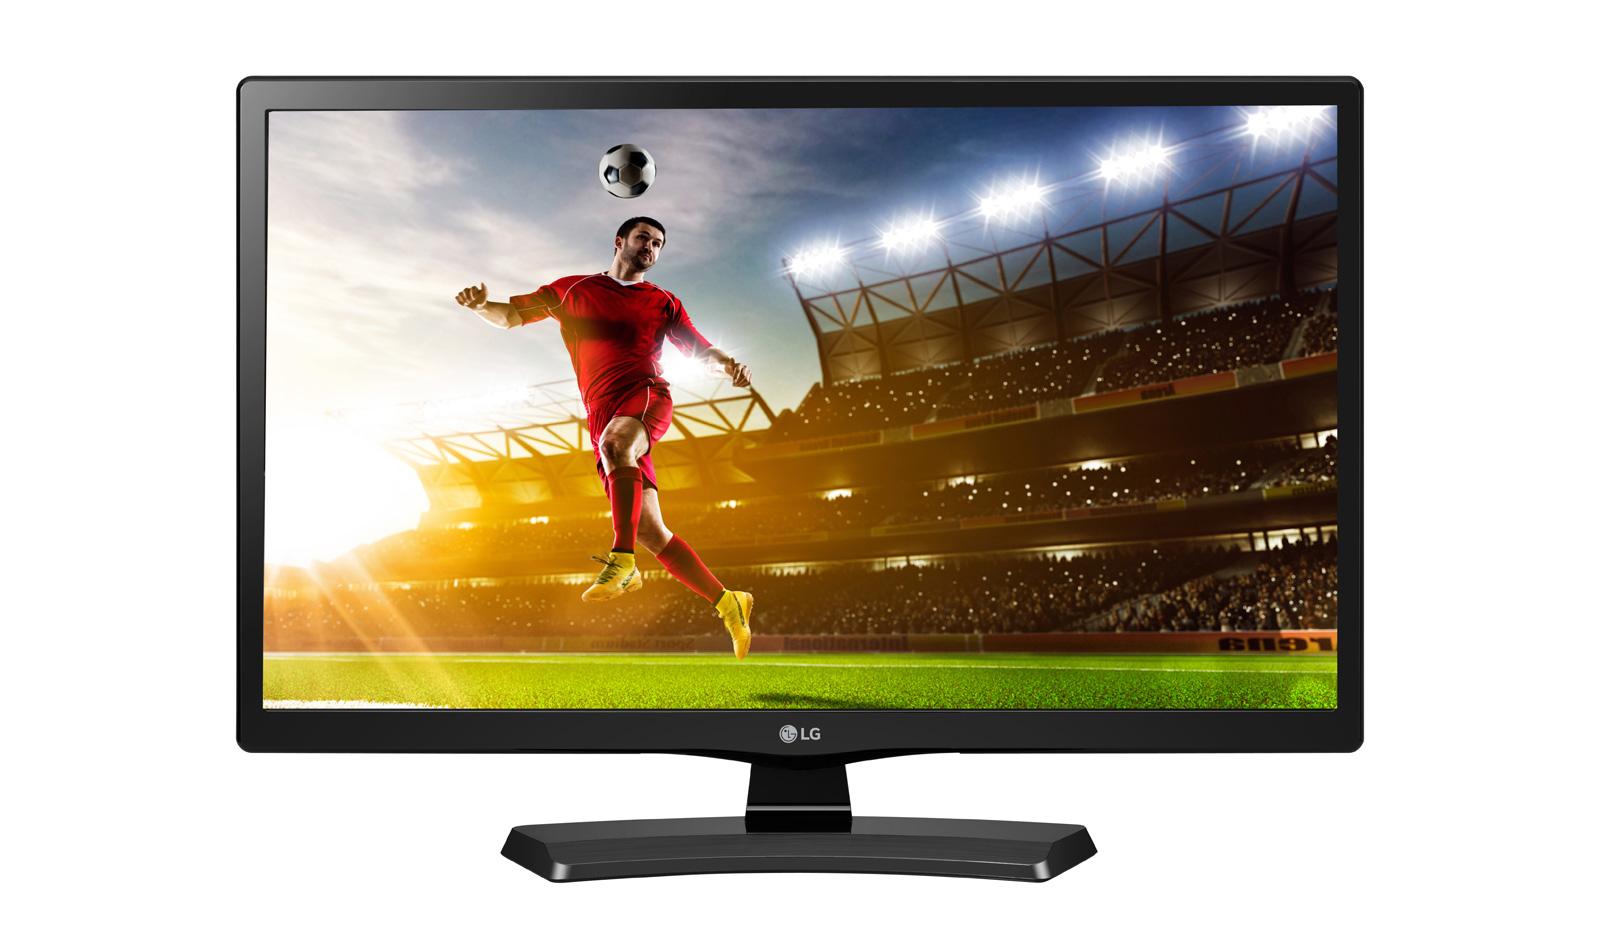 Купить Телевизор LG 20MT48VF-PZ, Черный, Россия